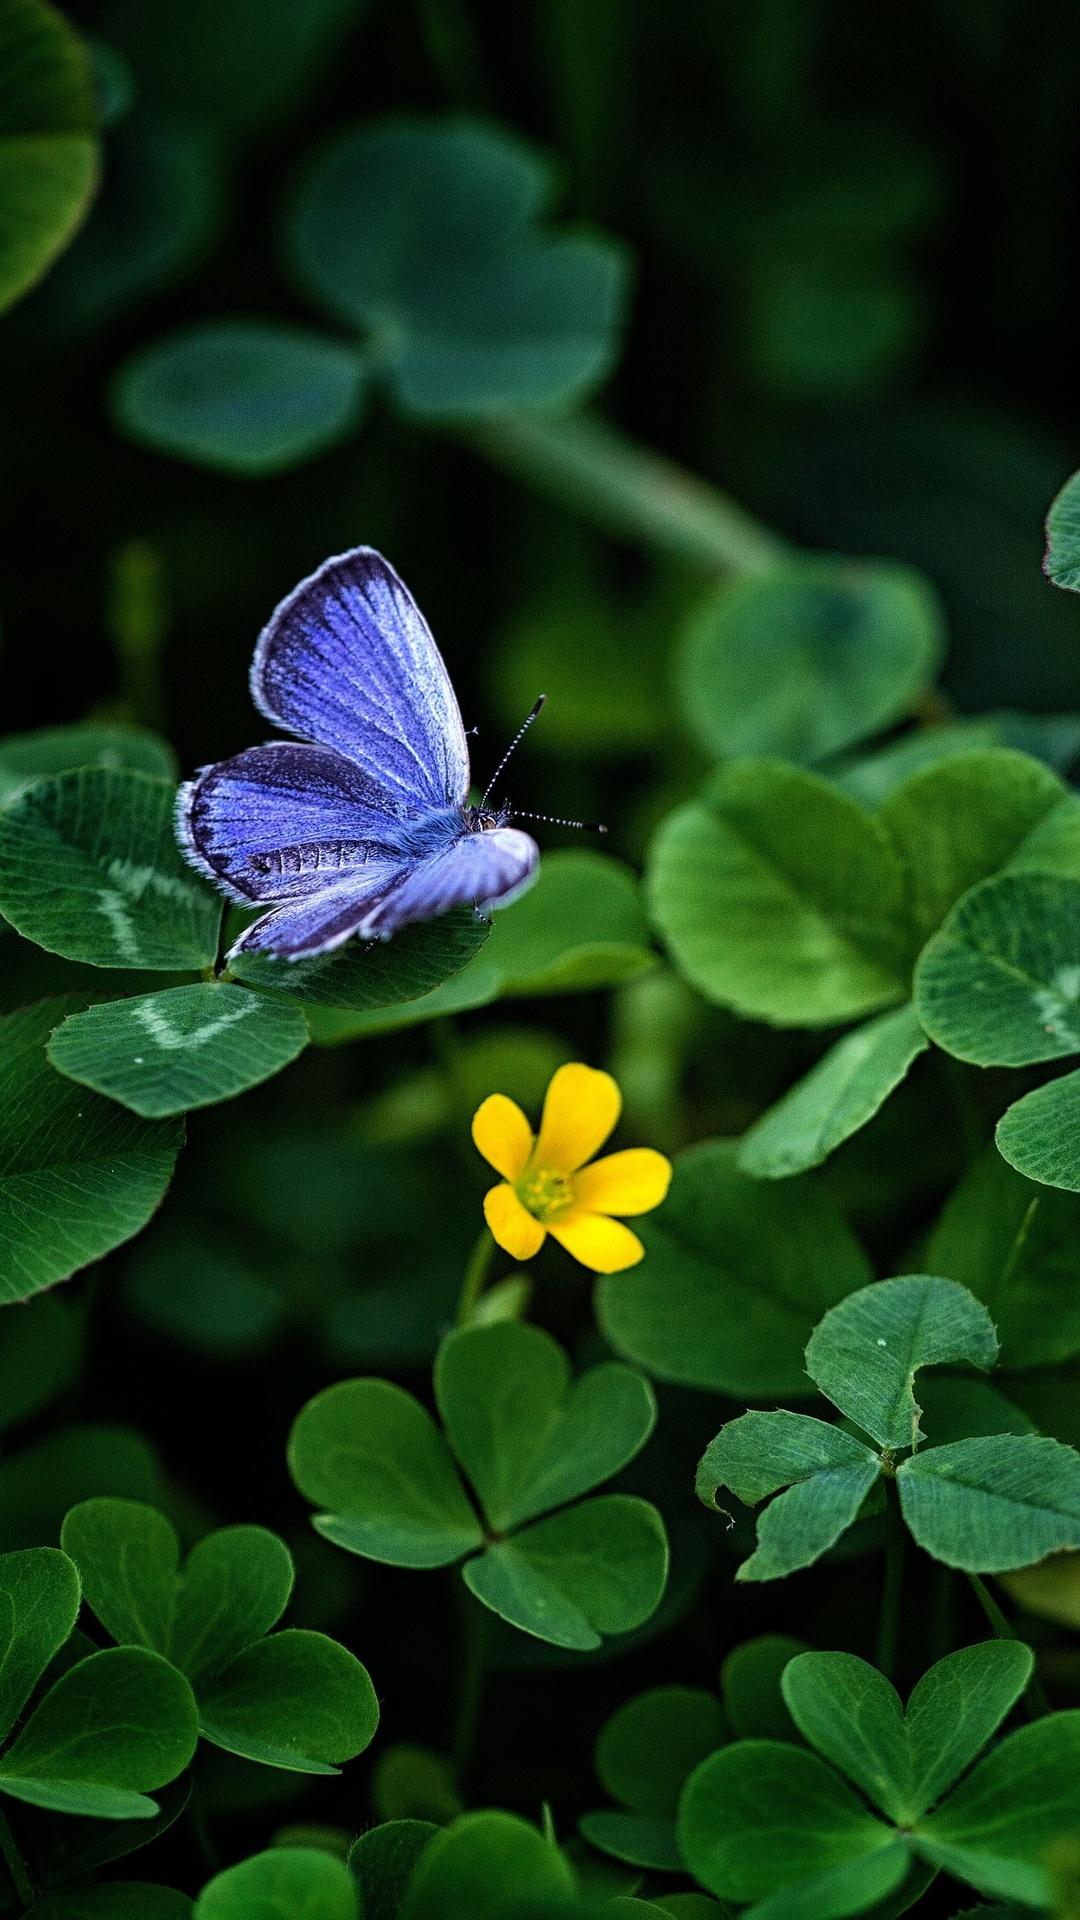 blue-butterfly-clover-4k-zo.jpg